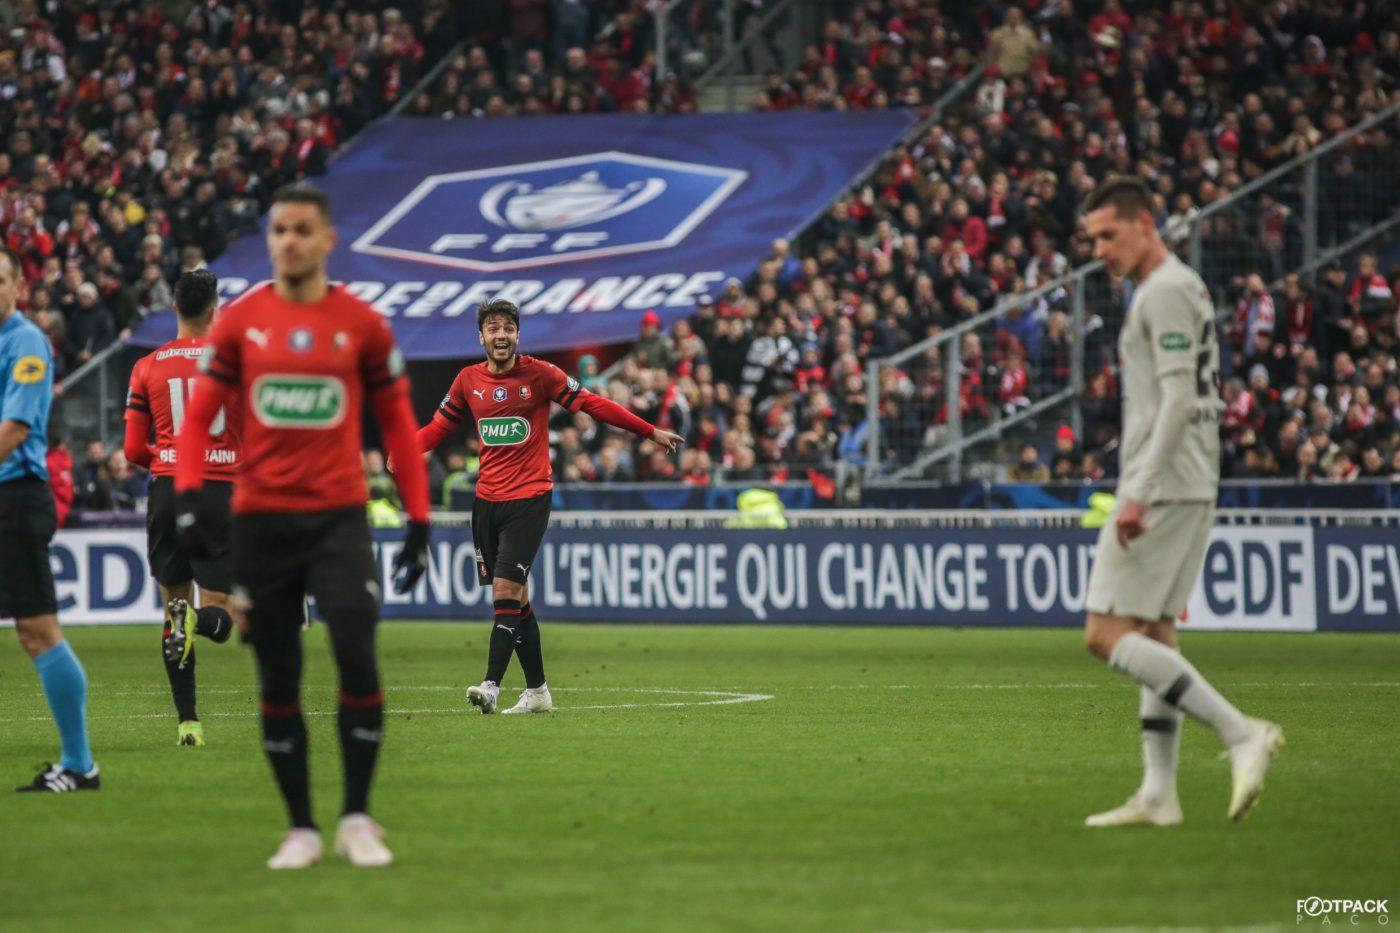 finale-coupe-de-france-2019-rennes-paris-saint-germain-27